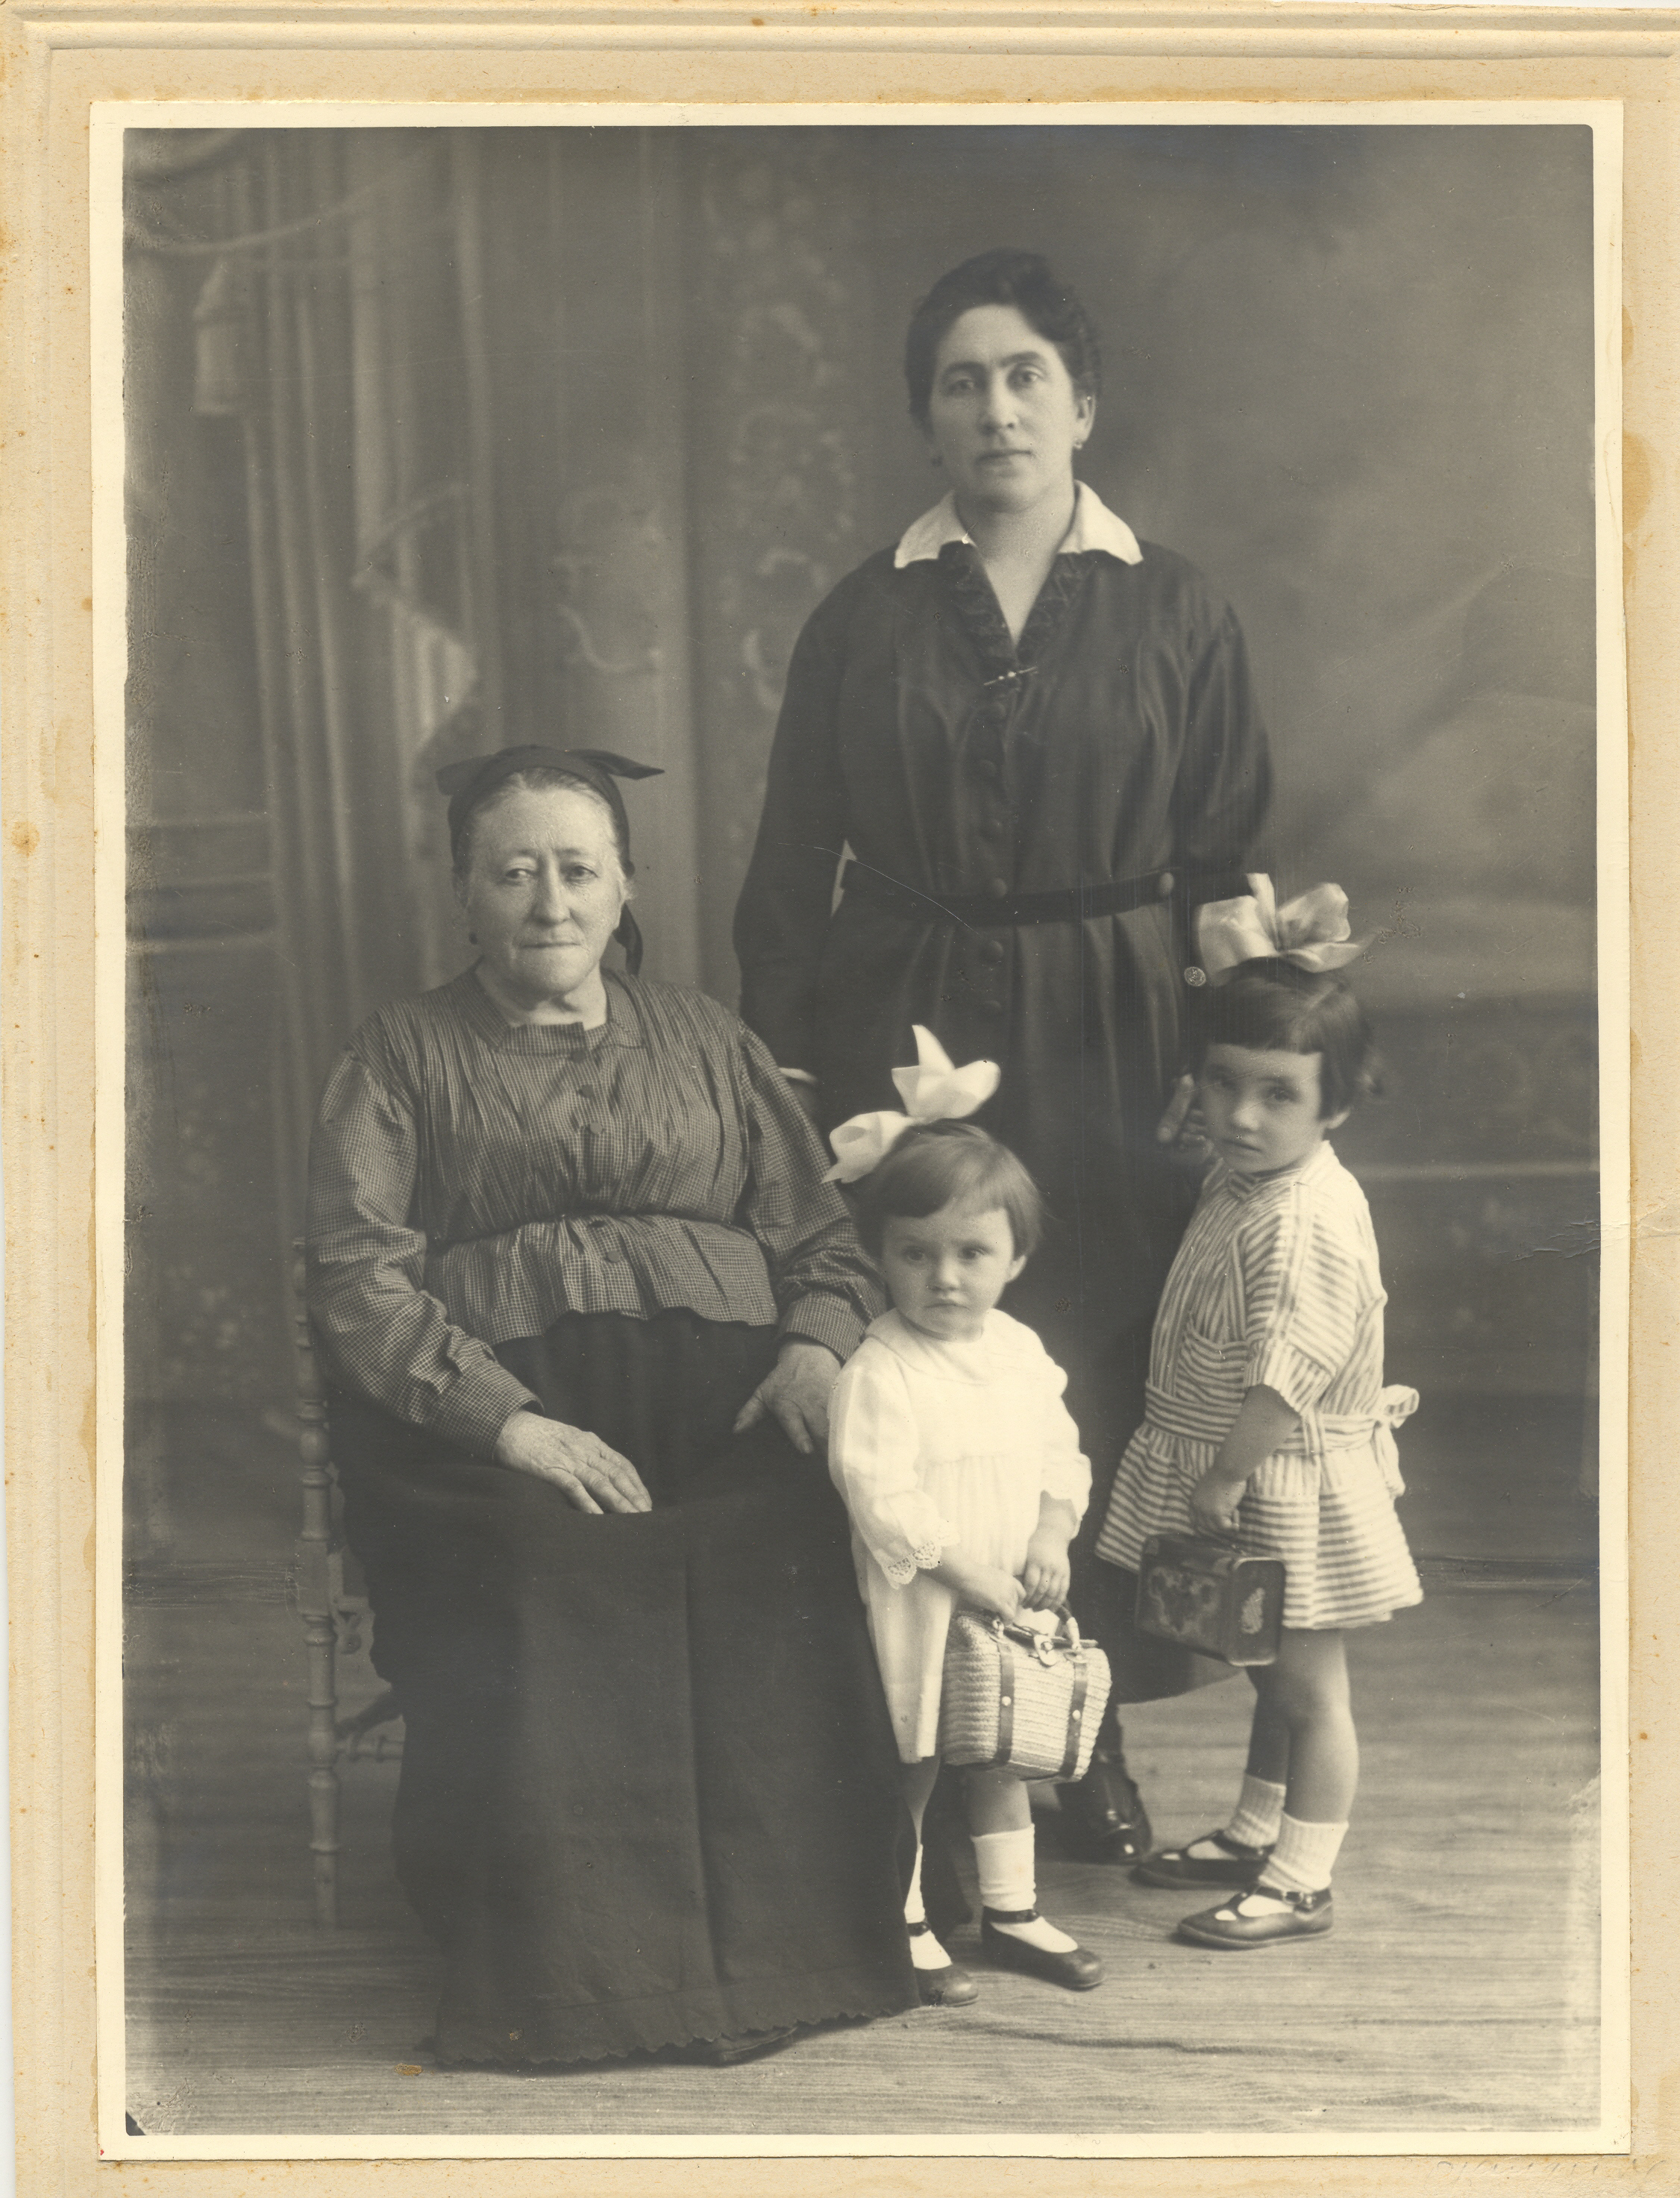 Con motivo del Día Internacional de la Mujer el Archivo Municipal realiza su especial homenaje a las mujeres eibarresas.